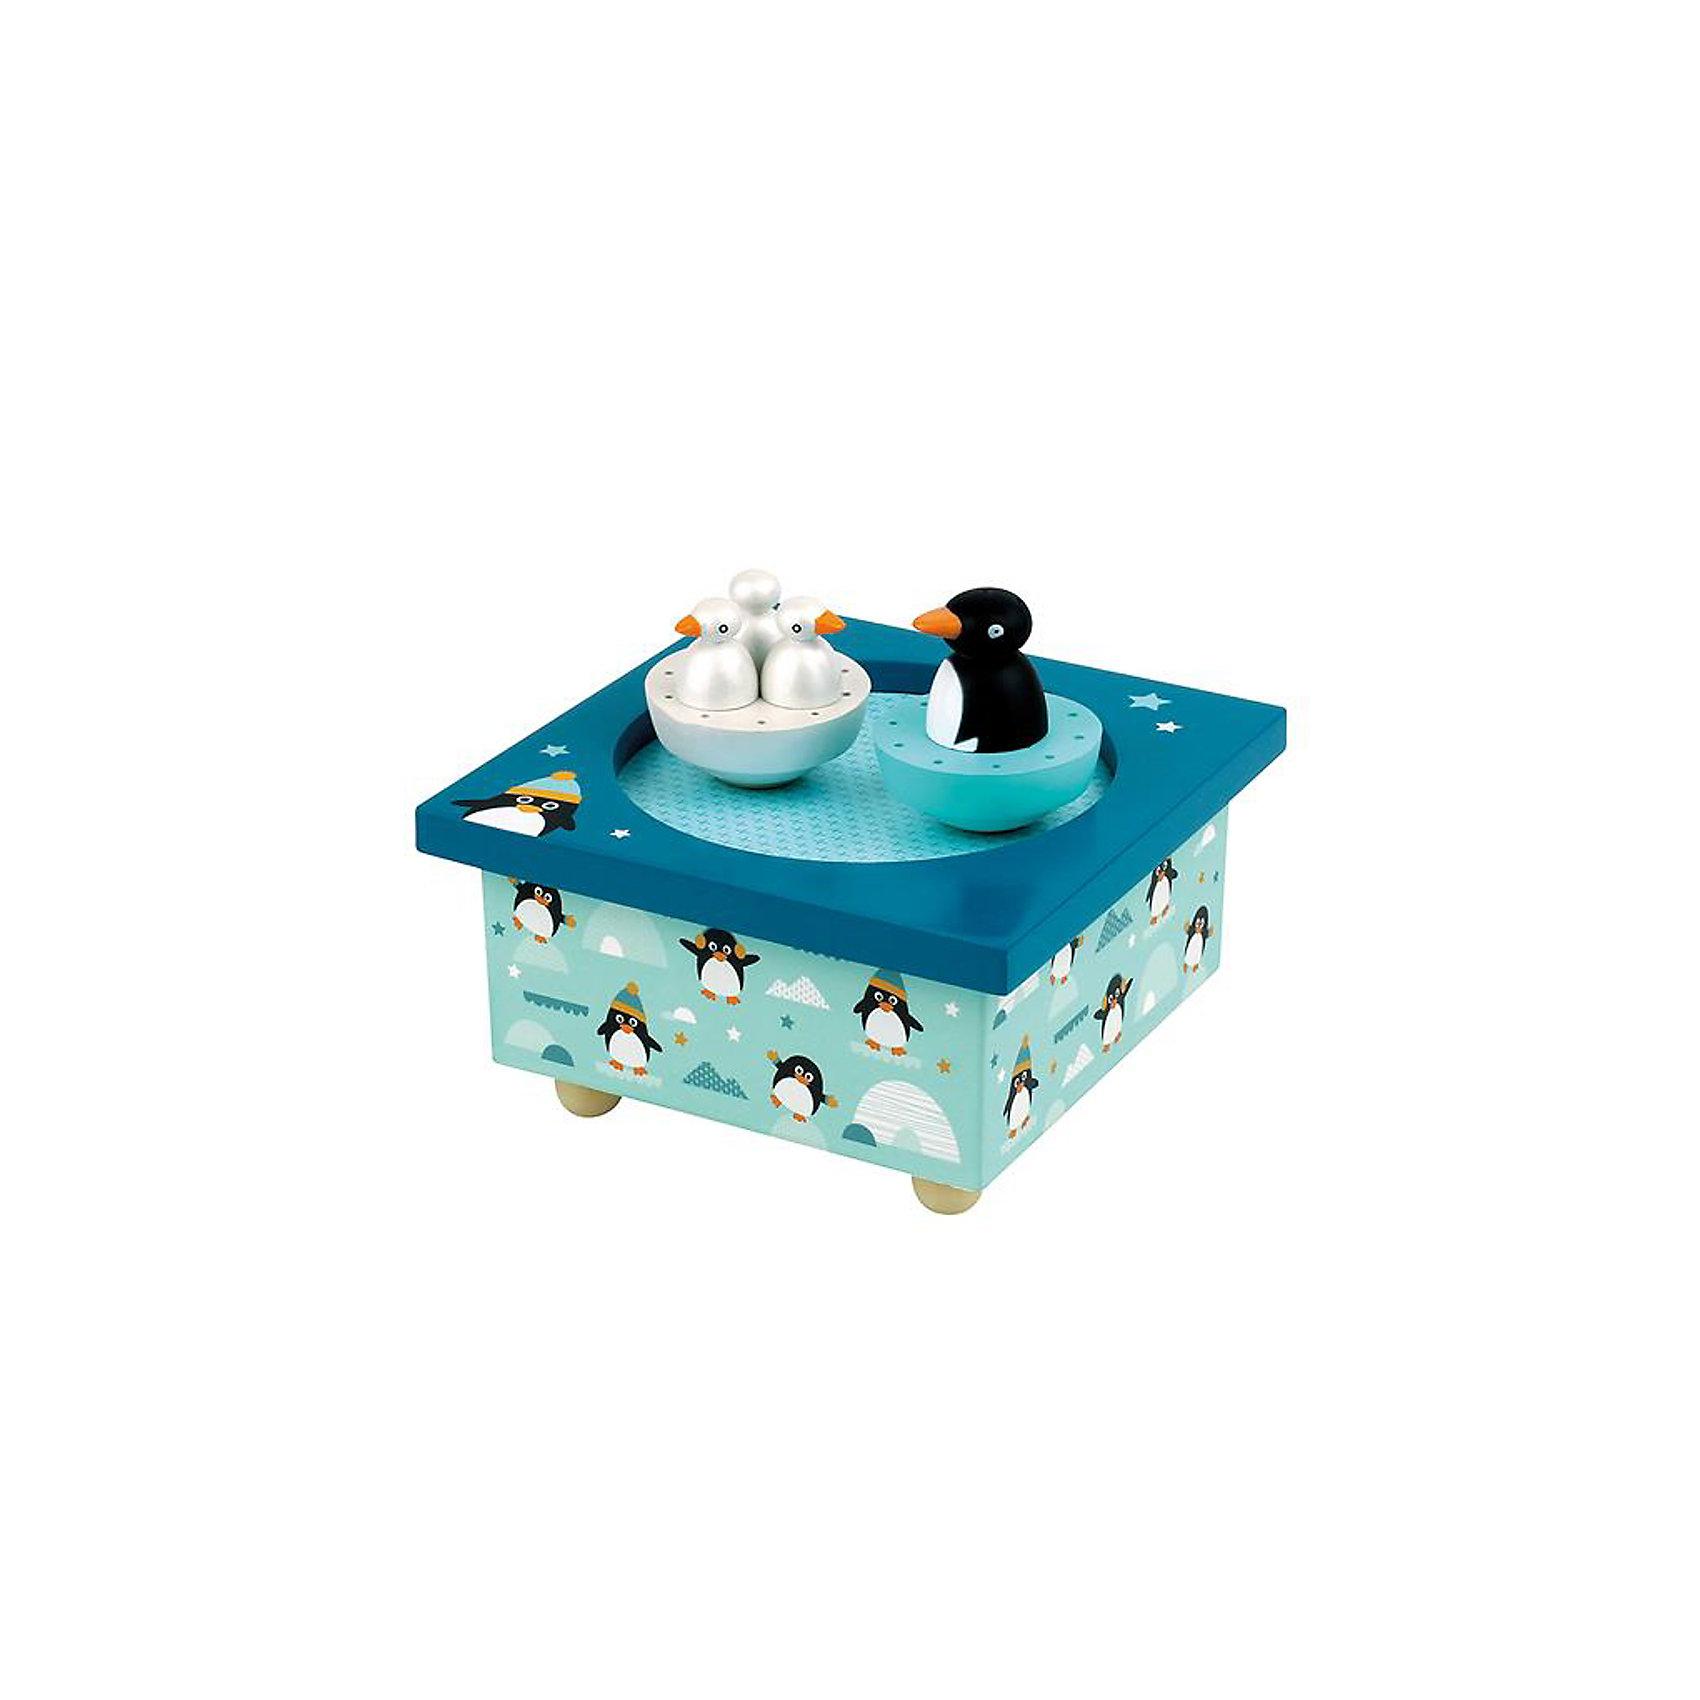 Музыкальная шкатулка Пингвин&#13;, TrousselierМузыкальная шкатулка Пингвин&#13;, Trousselier<br><br>ВНИМАНИЕ! Шкатулка предназначена для декора комнаты, она не открывается и хранить в ней разные мелочи и бижутерию невозможно.<br><br>Какая девочка не мечтает о музыкальной шкатулке? Подарите девочке настоящую музыкальную шкатулку с заводным механизмом от французской компании Trousselier. Шкатулка проигрывает приятную мелодию, заводится с помощью ключика.<br>Она выглядит очень красиво - на ней симпатичный пингвин, который кружится при проигрывании мелодии. Шкатулка упакована в подарочную коробку производителя. Изделие произведено из высококачественных материалов, и соответствует европейским стандартам безопасности.<br><br>Дополнительная информация:<br><br>цвет: разноцветный;<br>материал: дерево;<br>подарочная упаковка;<br>заводной механизм;<br>размер: 11 х 11 х 7 см.<br><br>Музыкальную шкатулку Пингвин от французской компании Trousselier можно купить в нашем магазине.<br><br>Ширина мм: 114<br>Глубина мм: 114<br>Высота мм: 70<br>Вес г: 290<br>Возраст от месяцев: 12<br>Возраст до месяцев: 216<br>Пол: Унисекс<br>Возраст: Детский<br>SKU: 4961869